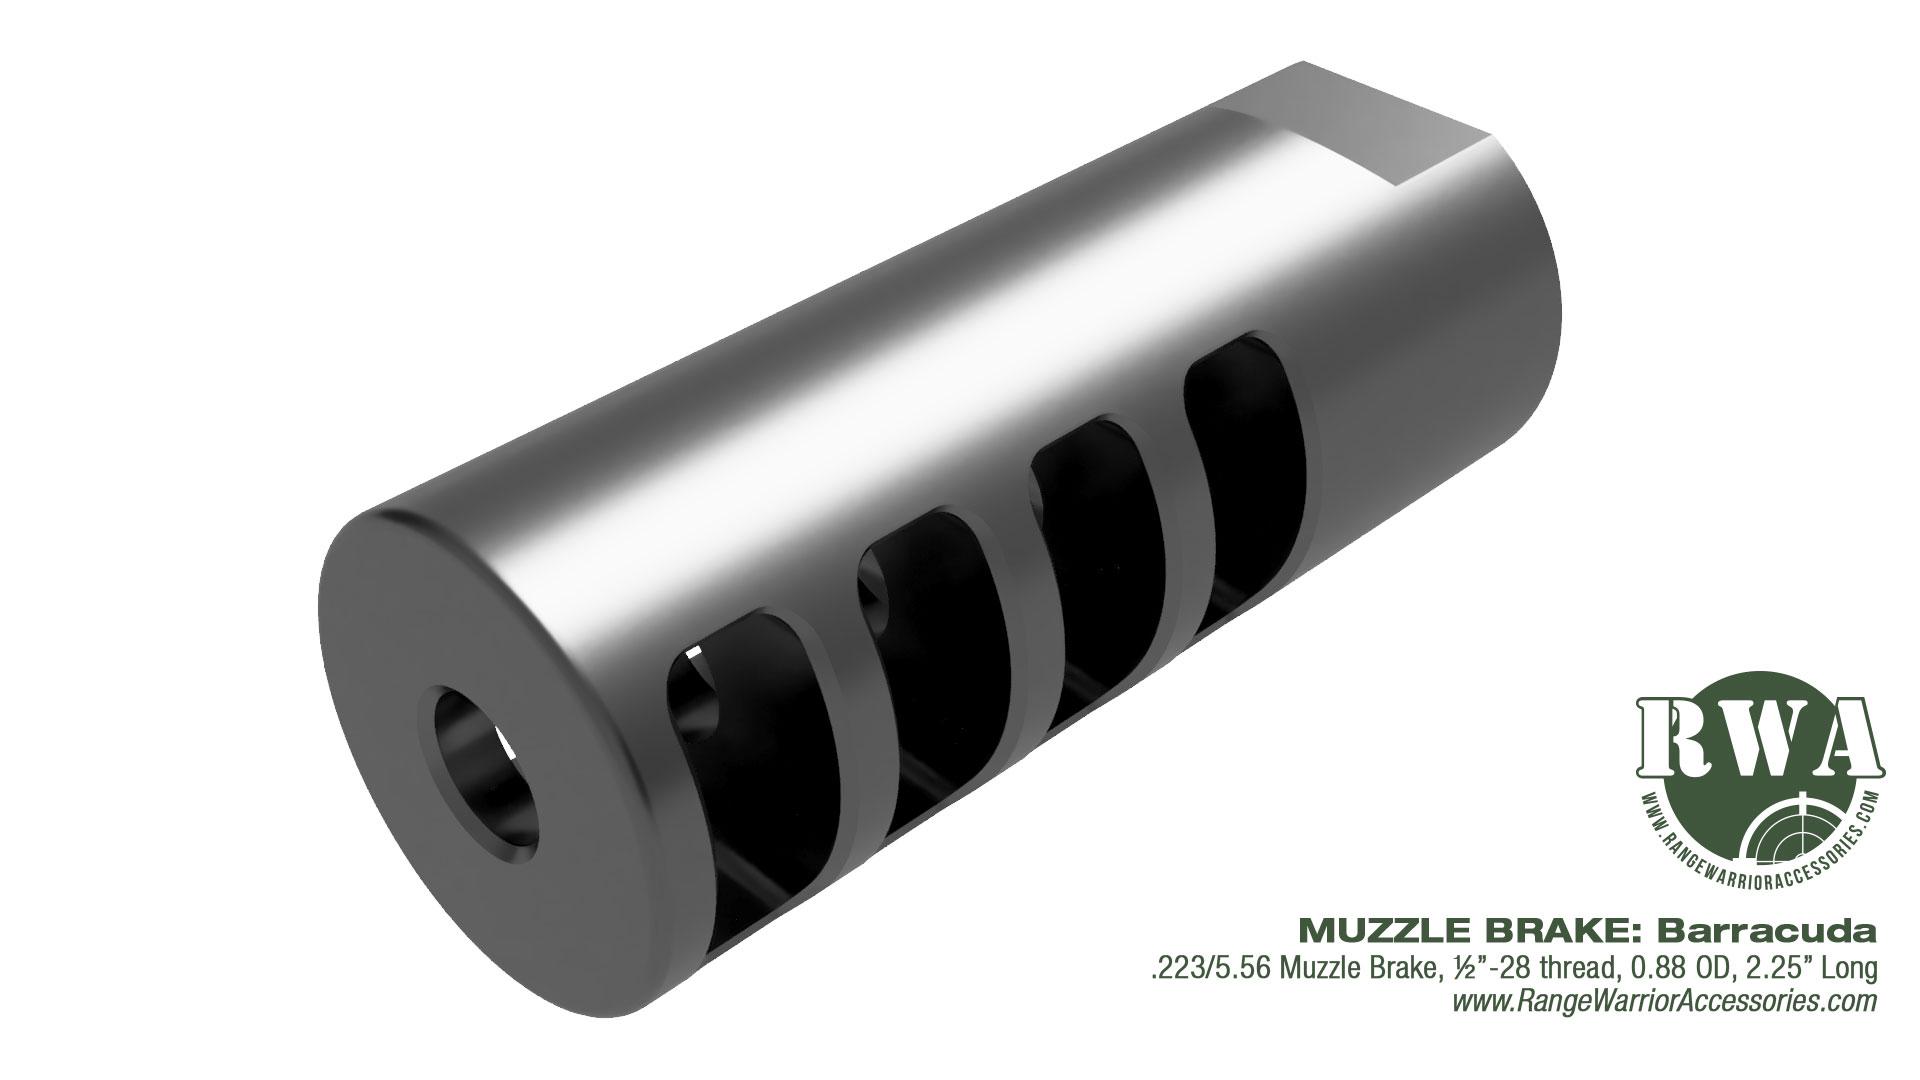 Barracuda AR Muzzle Brake by RWA